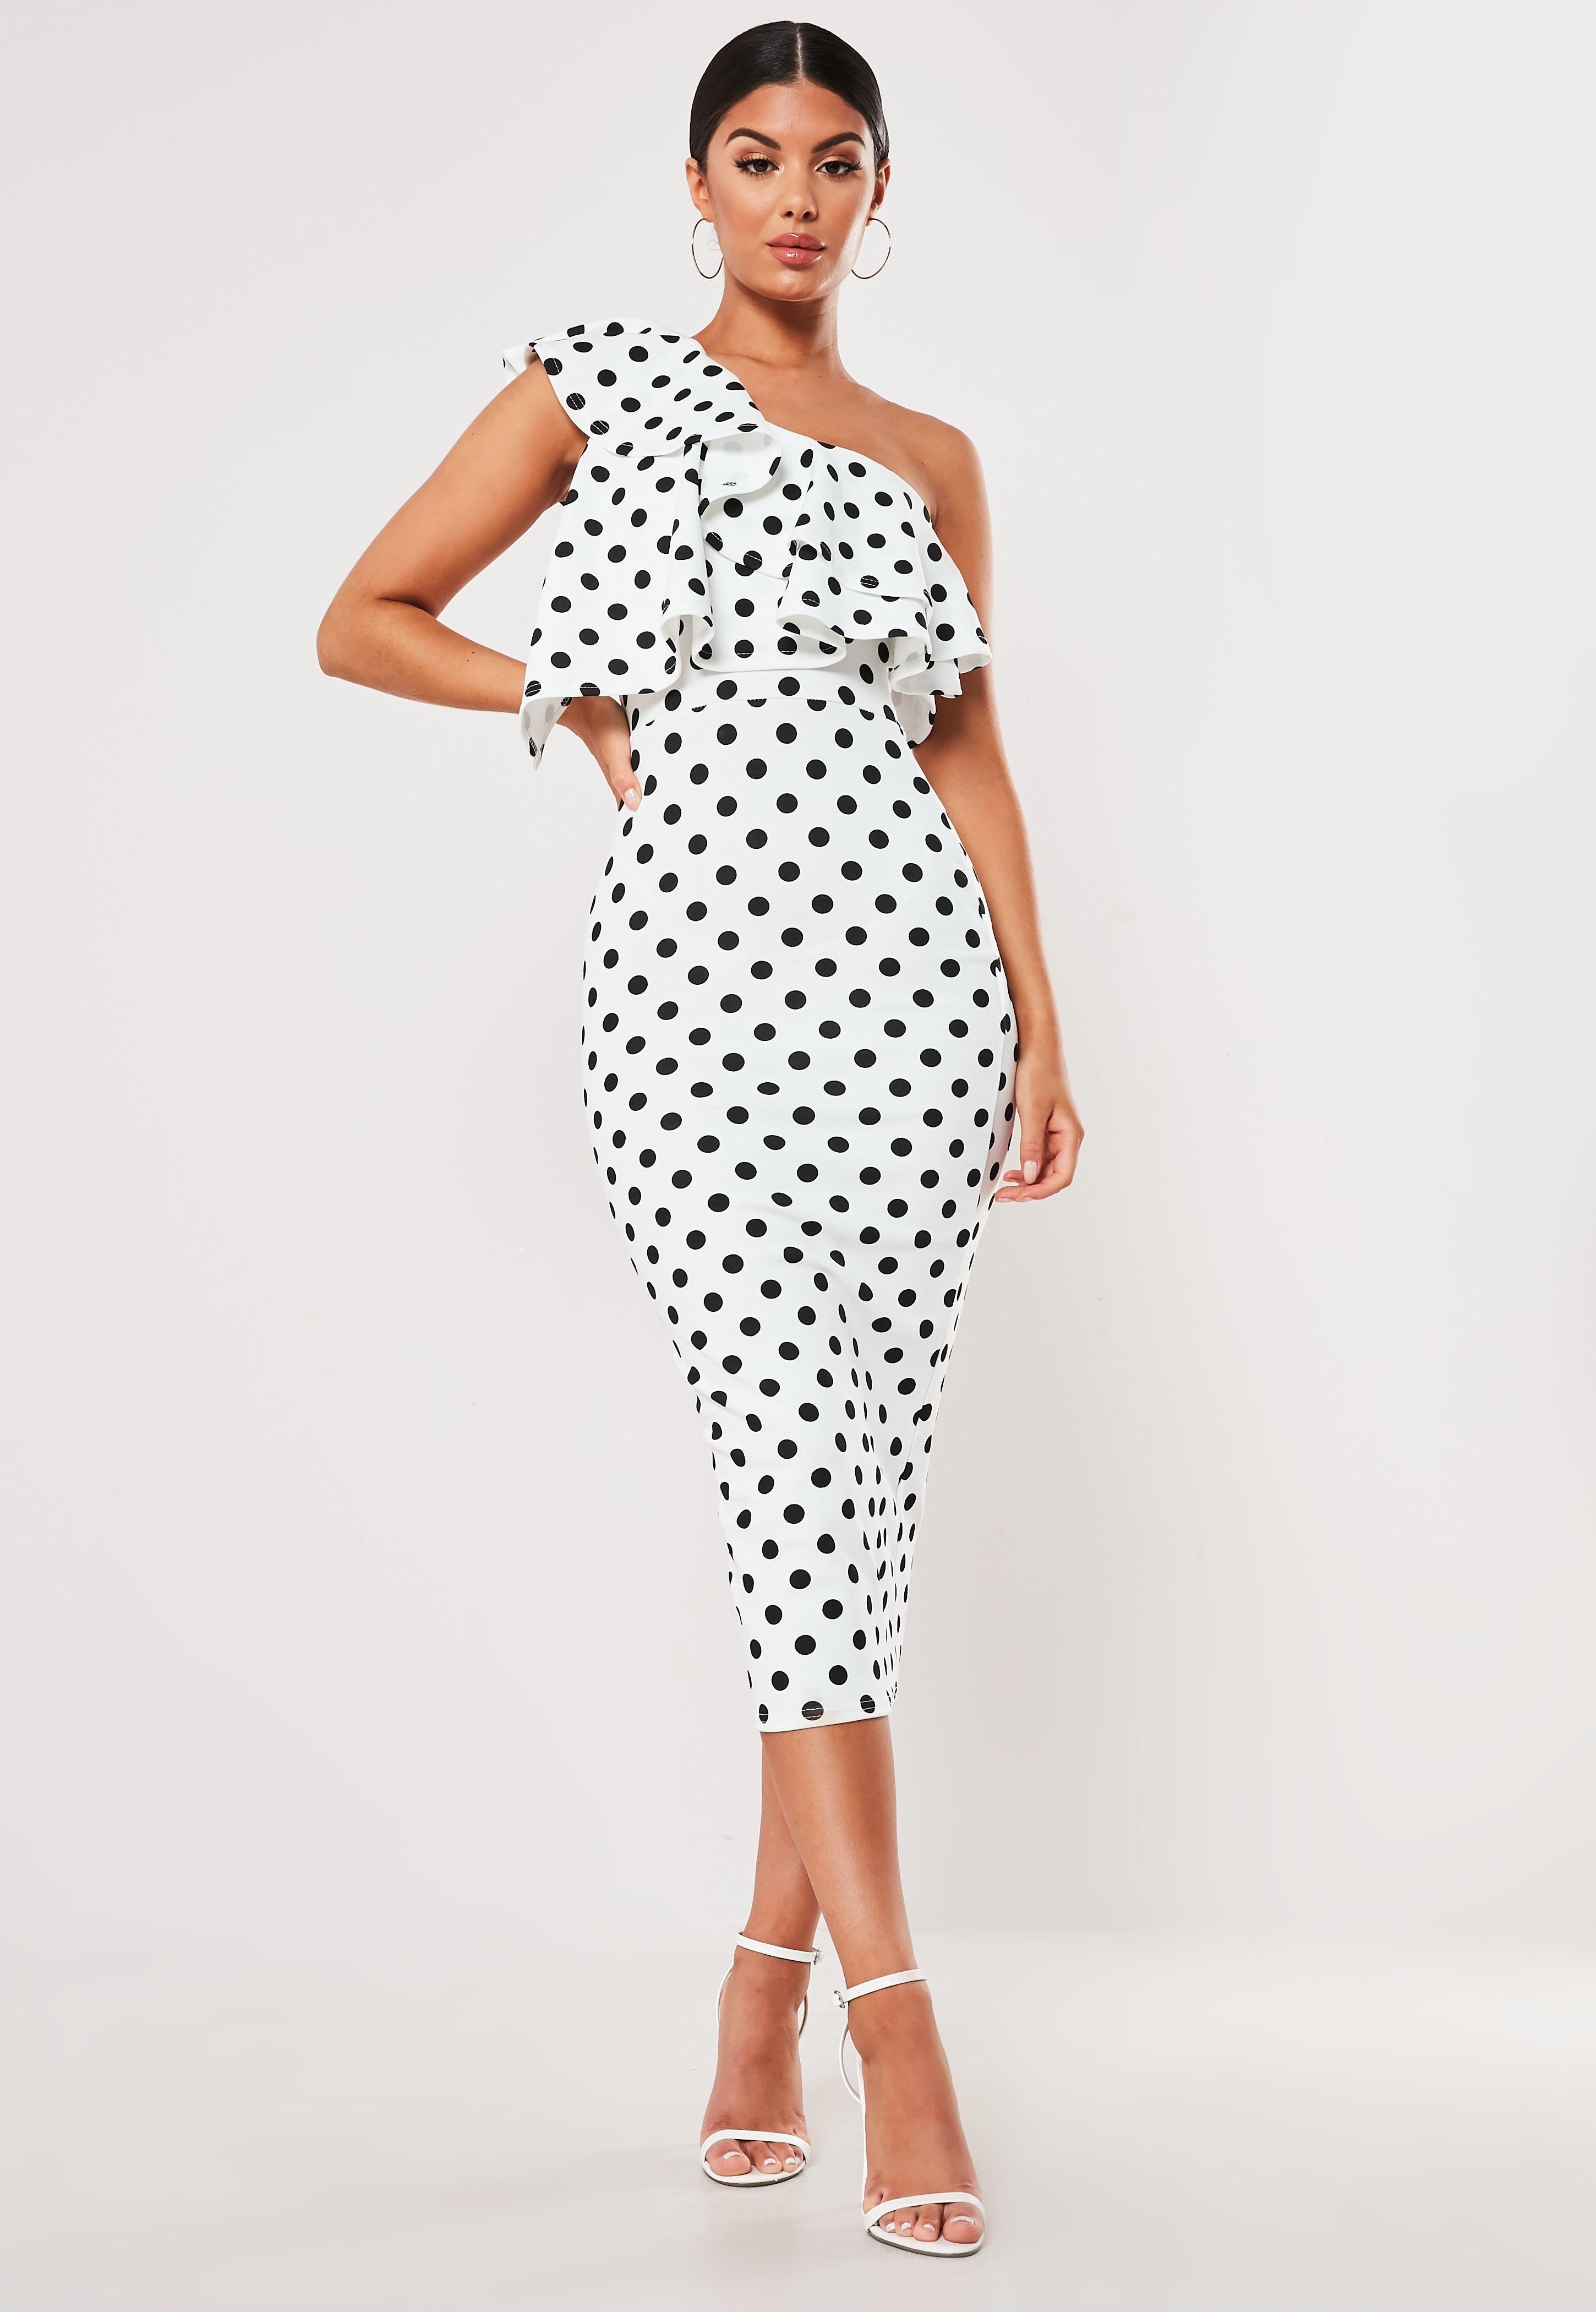 mejor valor duradero en uso precios baratass Vestido midi ajustado asimétrico con lunares en blanco